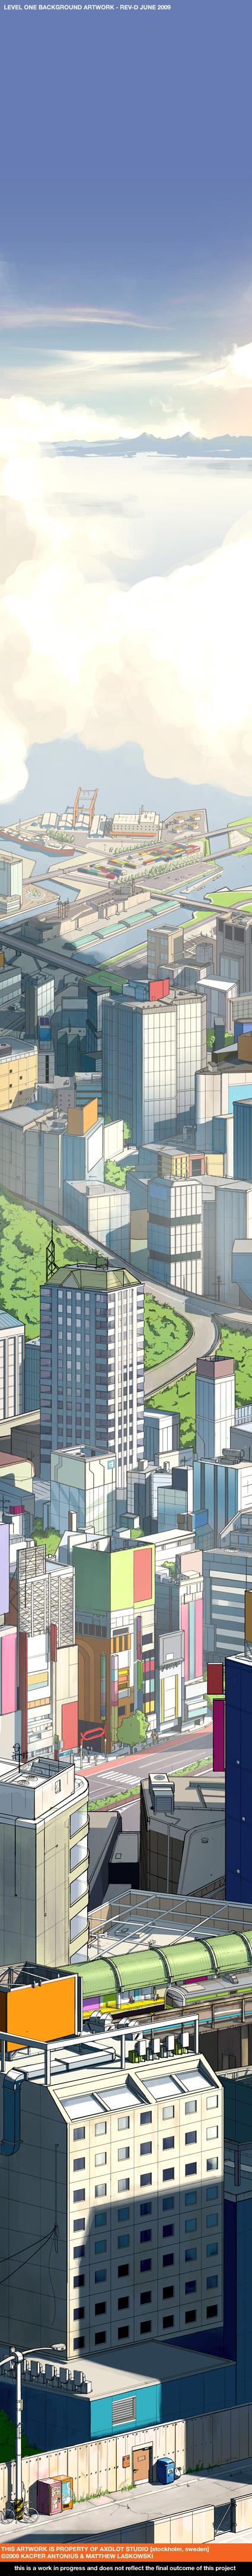 Le manga art de Matthew M. Laskowski aka Fox-Orian